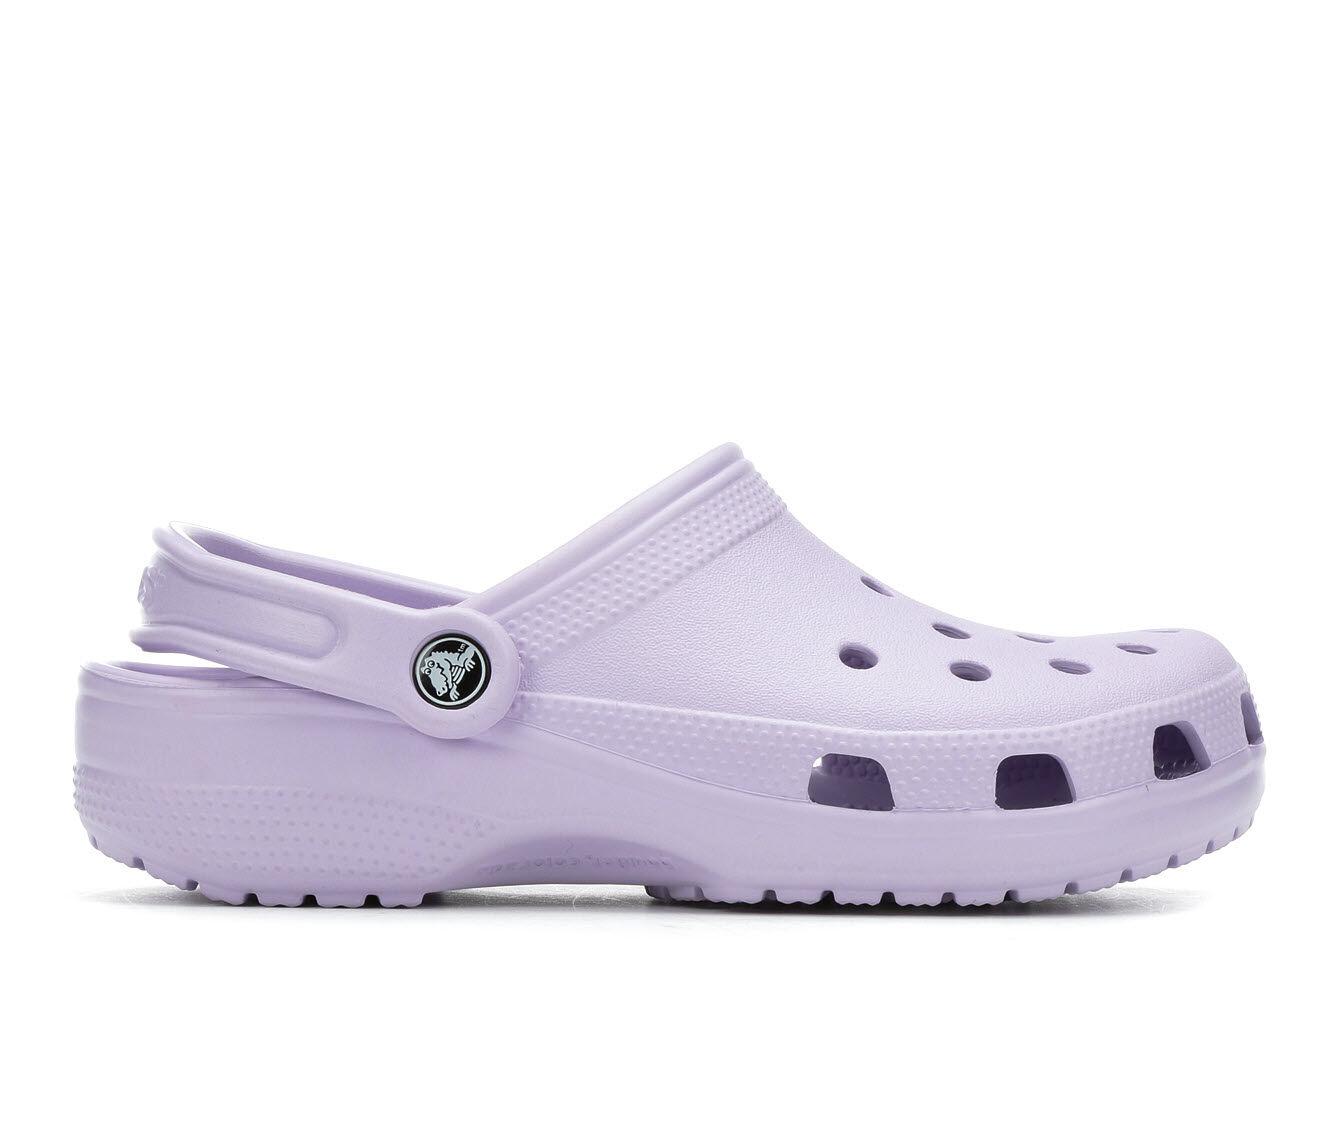 Women's Crocs Classic Clogs Lavender